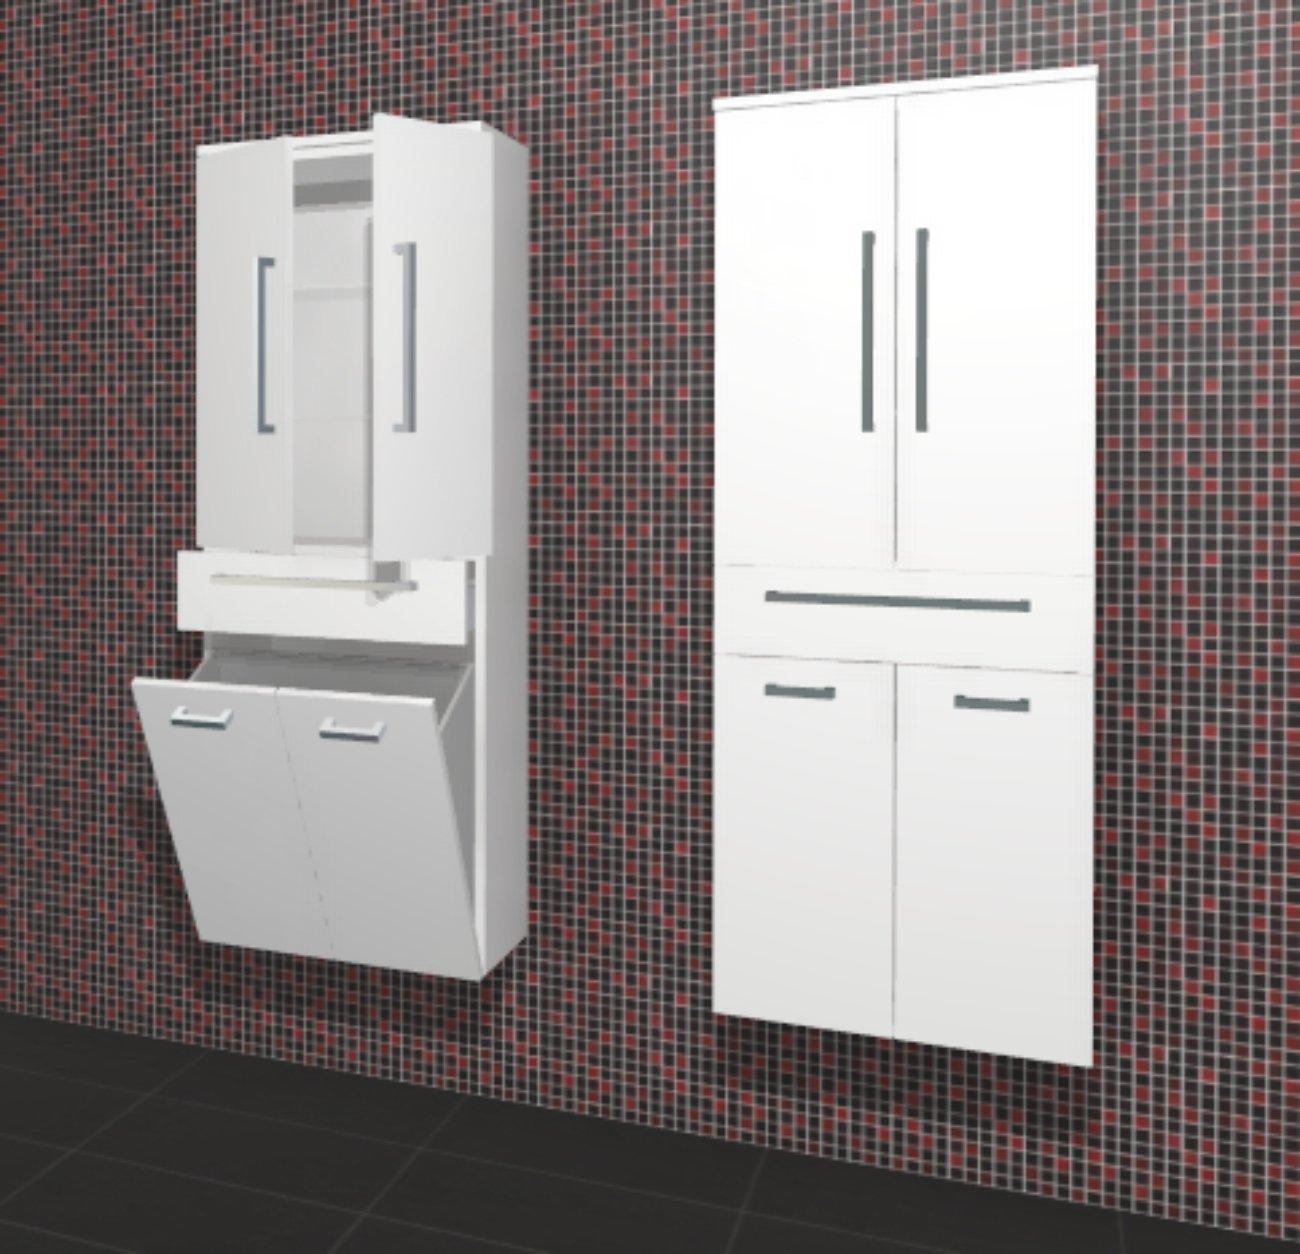 puris speed hochschrank badschrank billiger arcom center. Black Bedroom Furniture Sets. Home Design Ideas